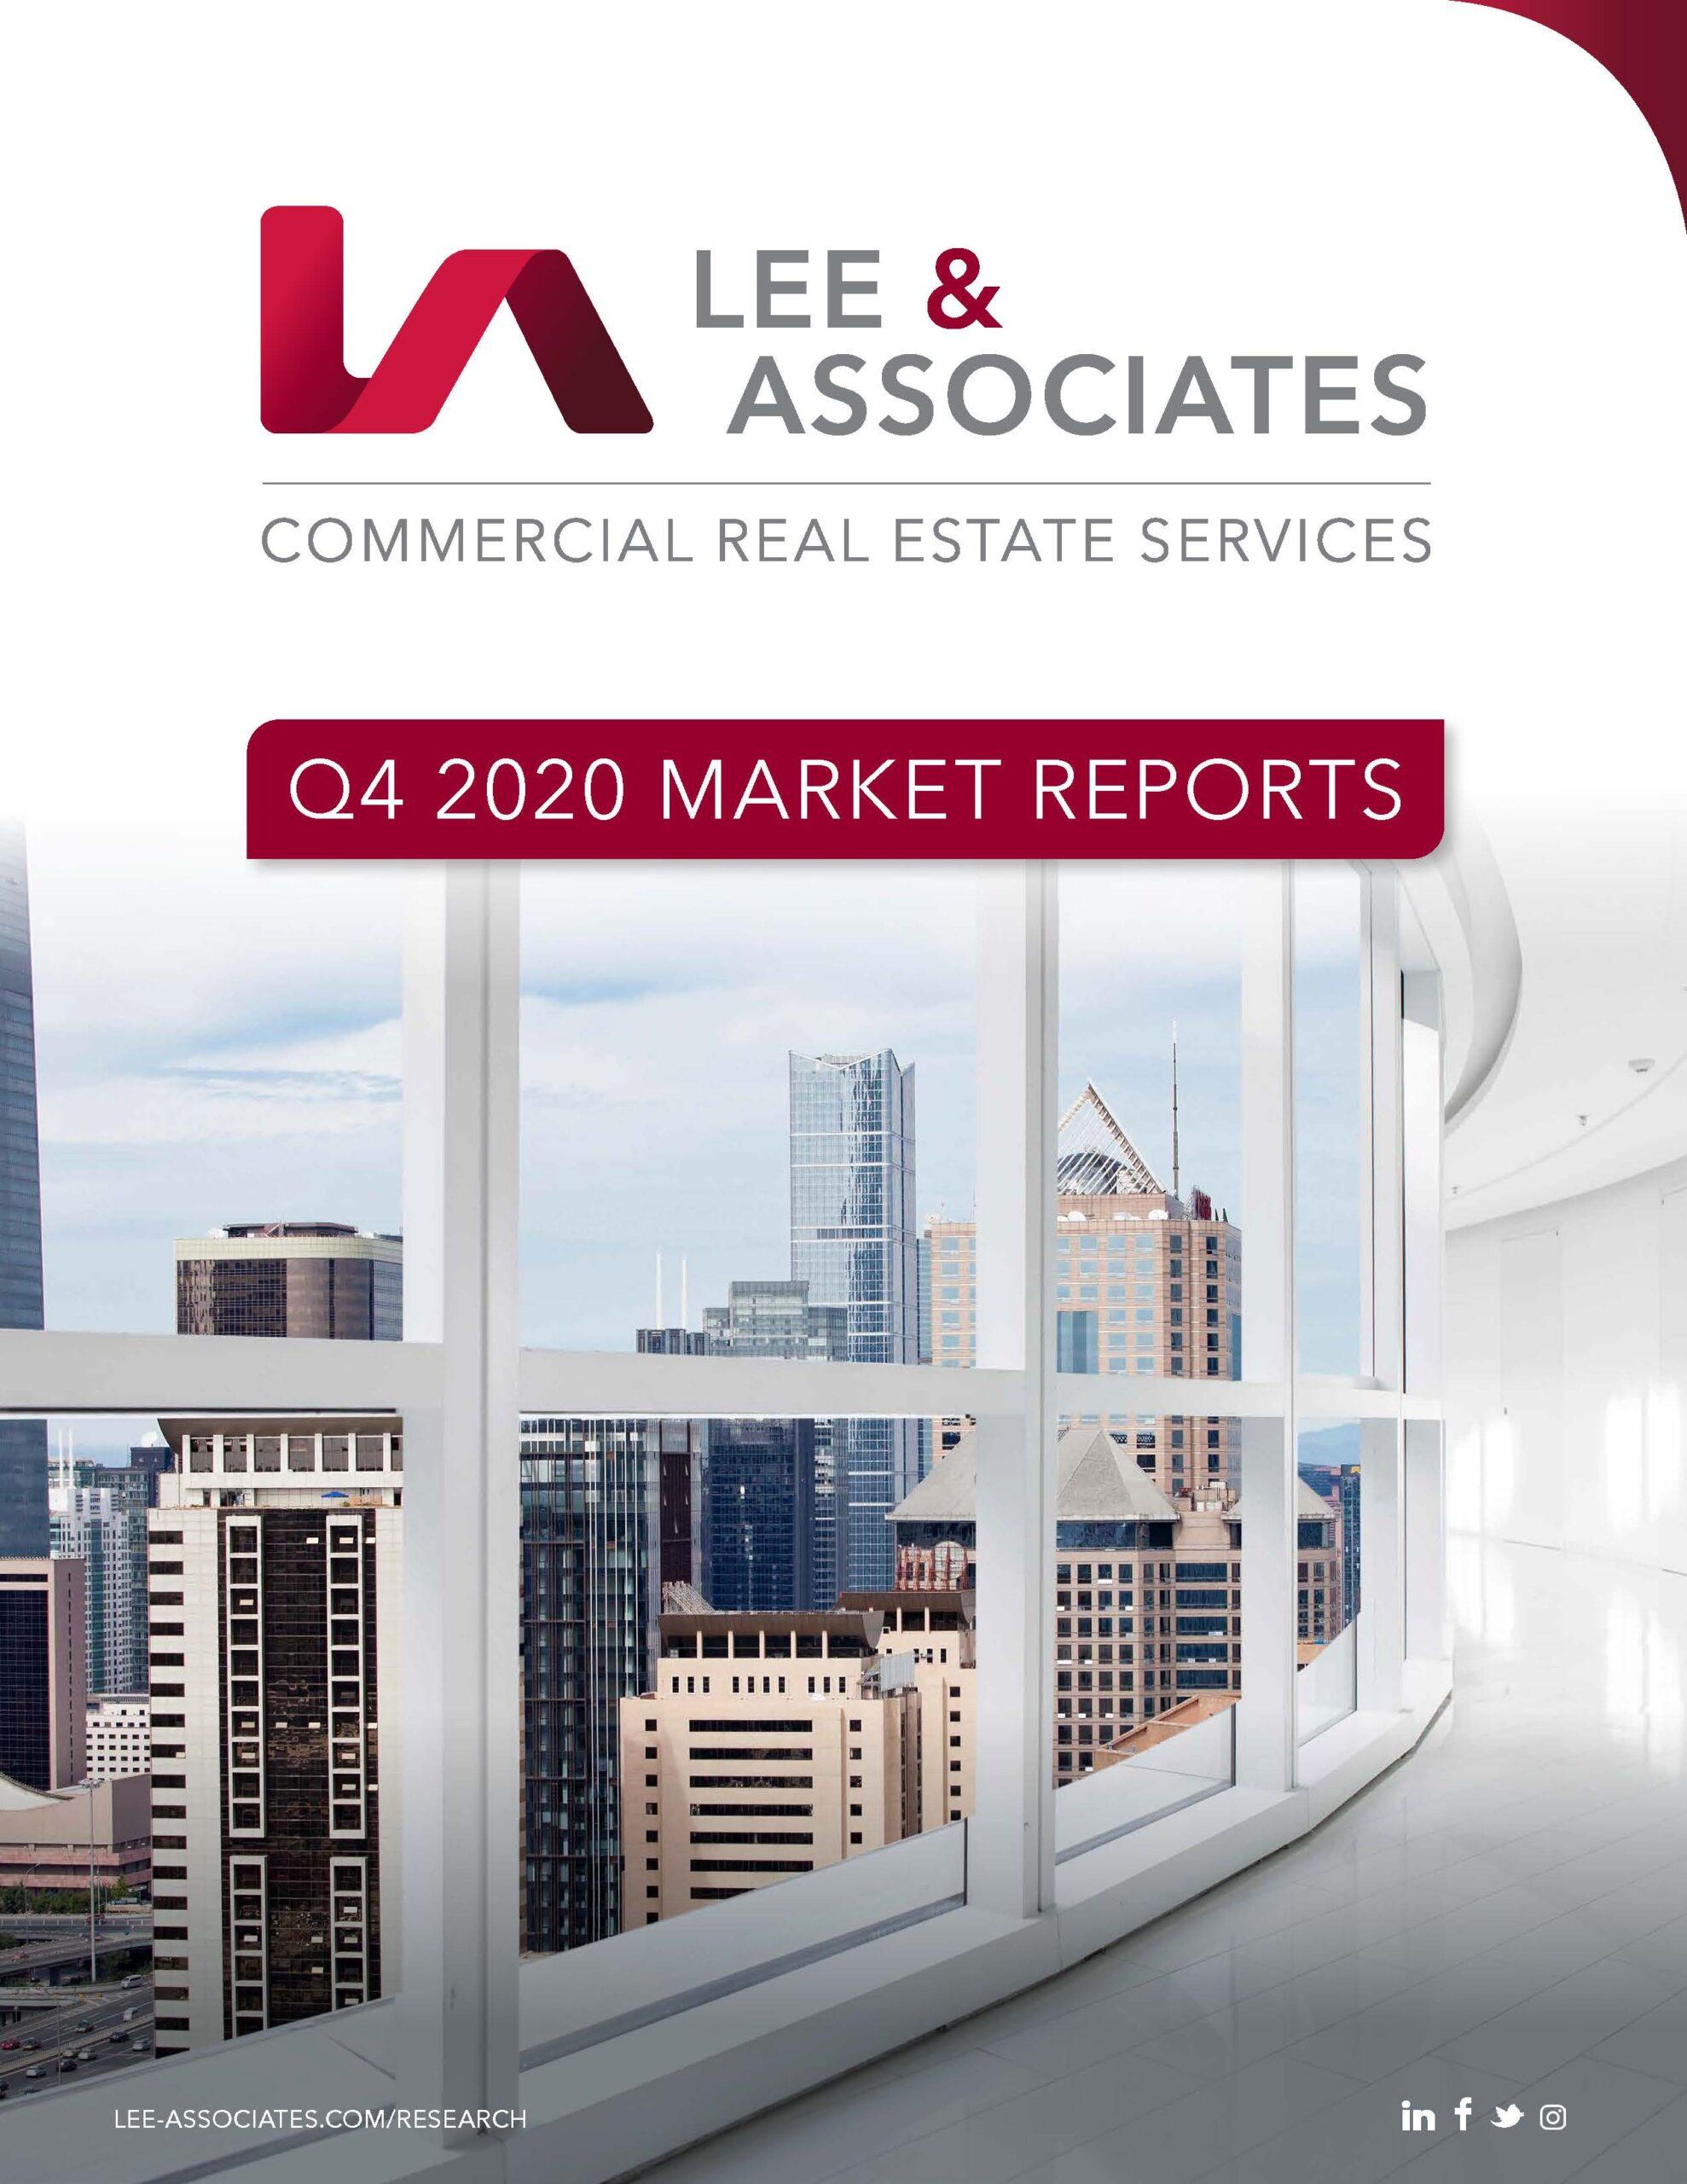 Q4 2020 Market Report Cover